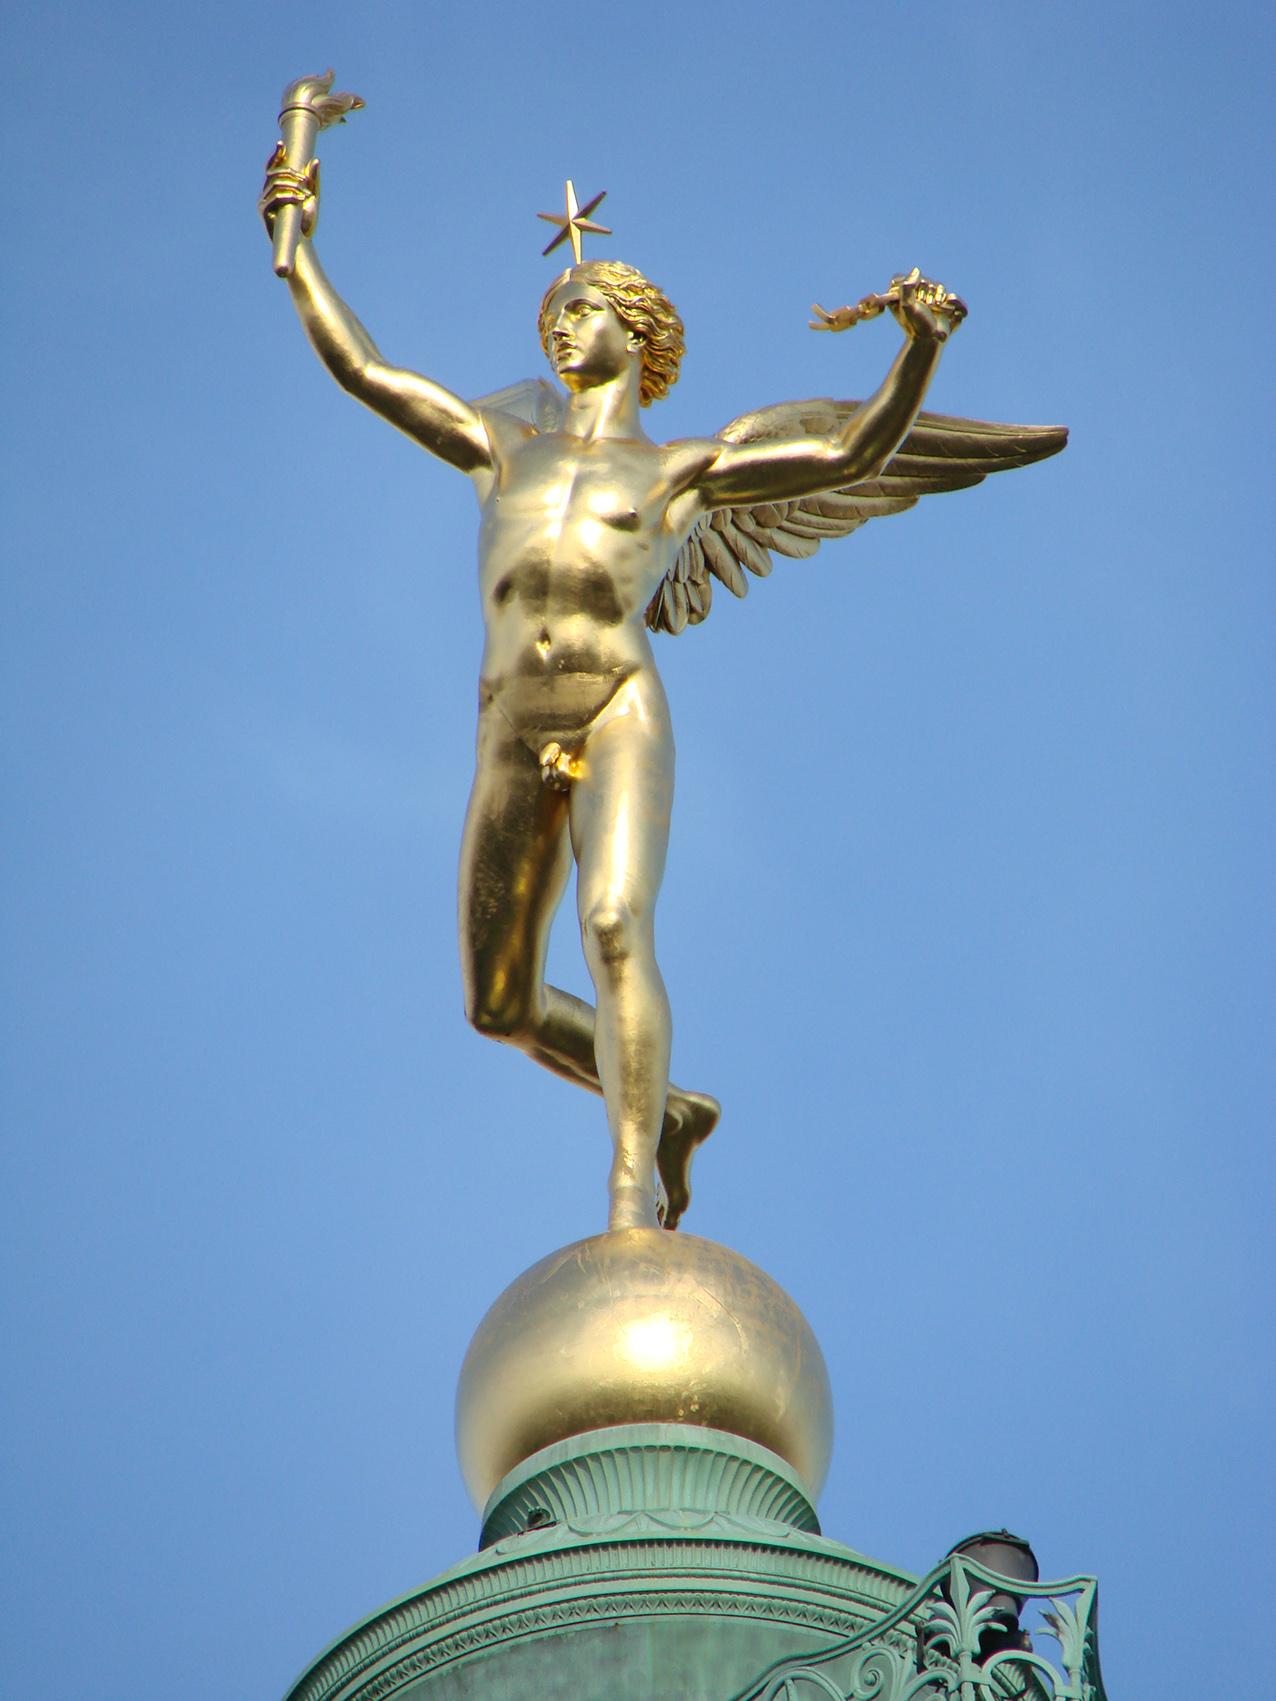 Le génie de la liberté de la colonne de juillet, place de la Bastille, Paris